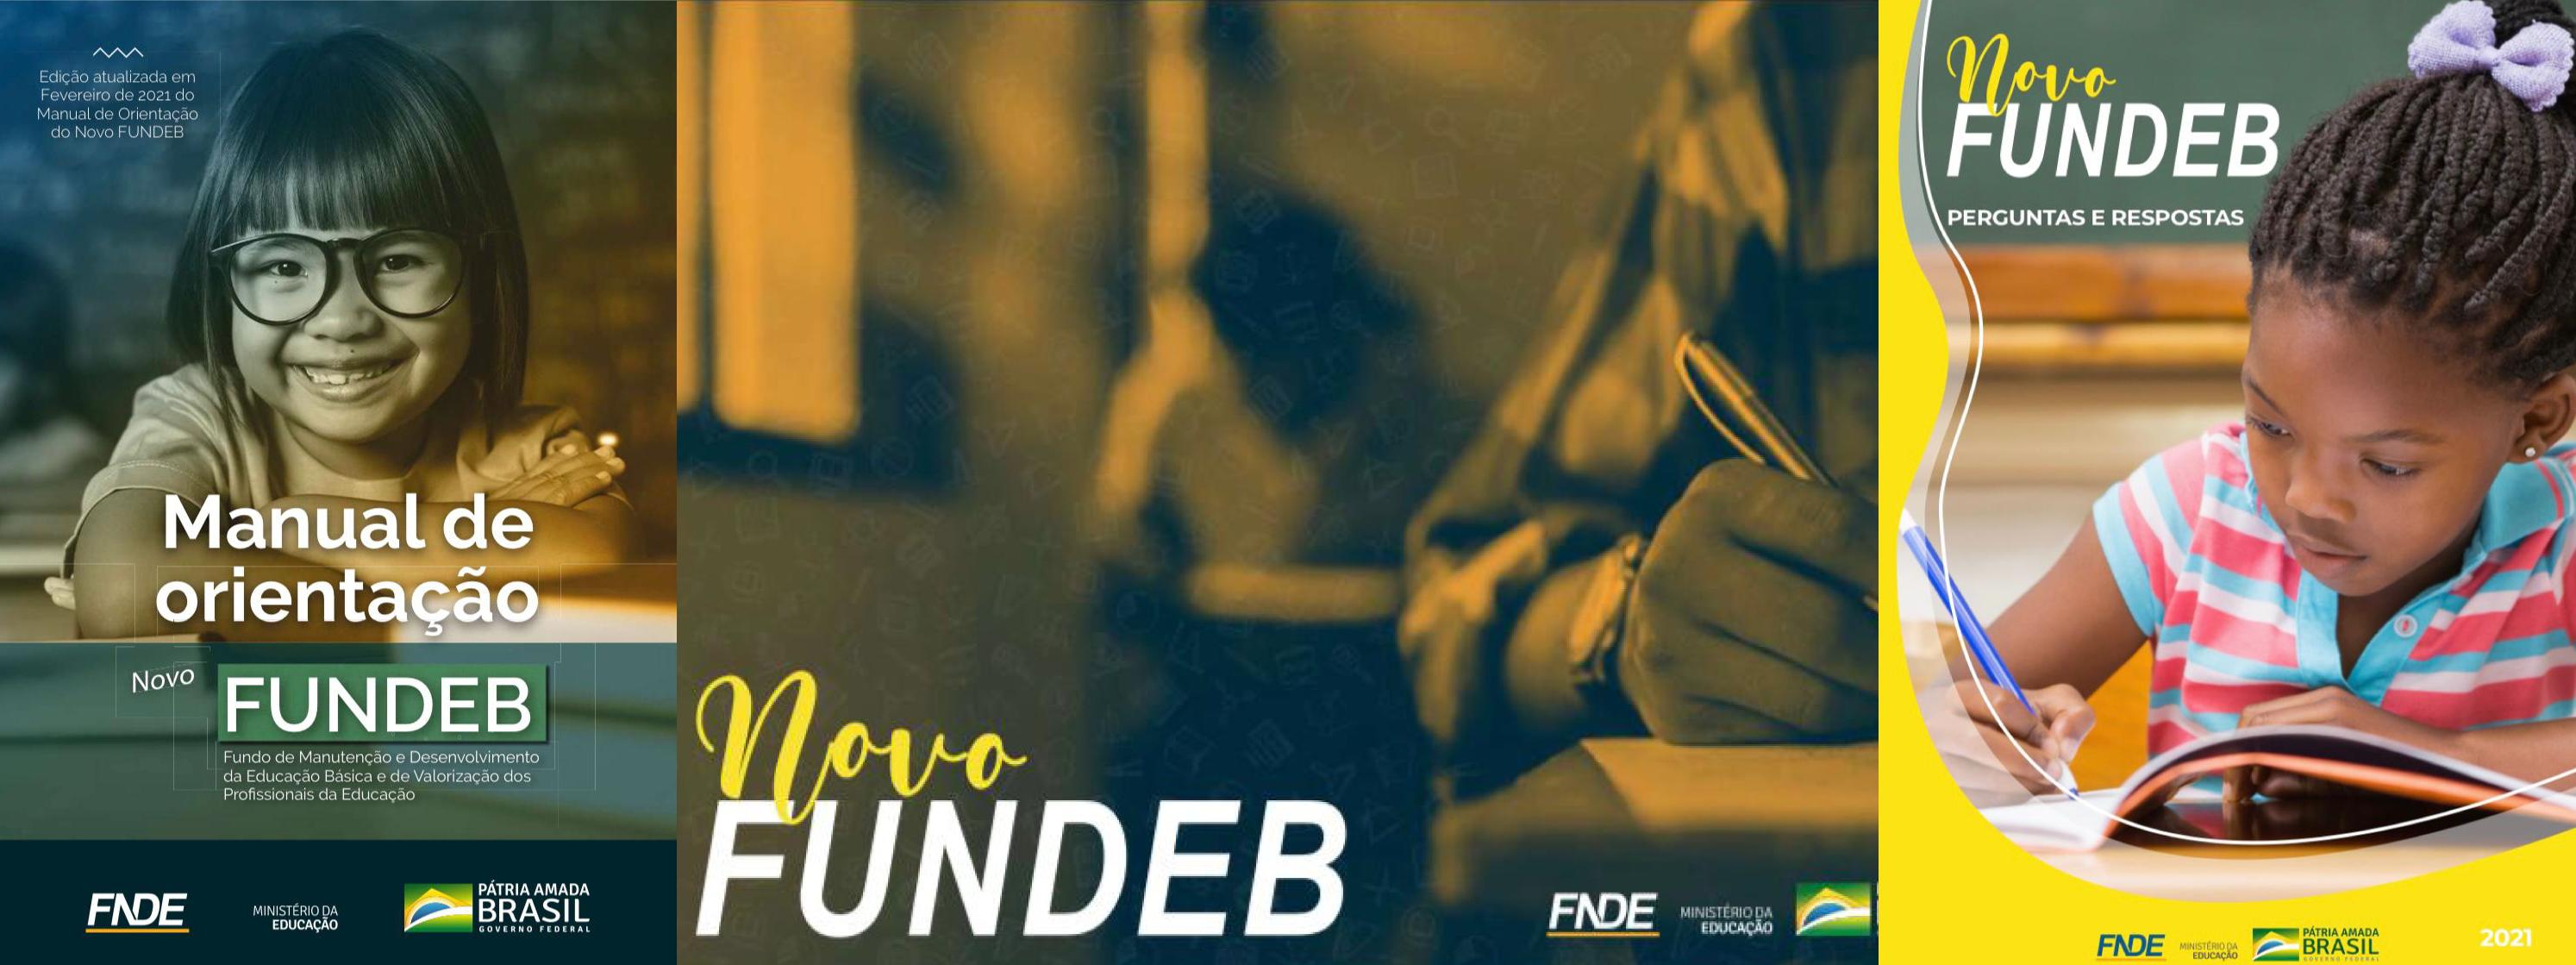 FNDE disponibiliza materiais de apoio para aplicação e acompanhamento do Novo Fundeb